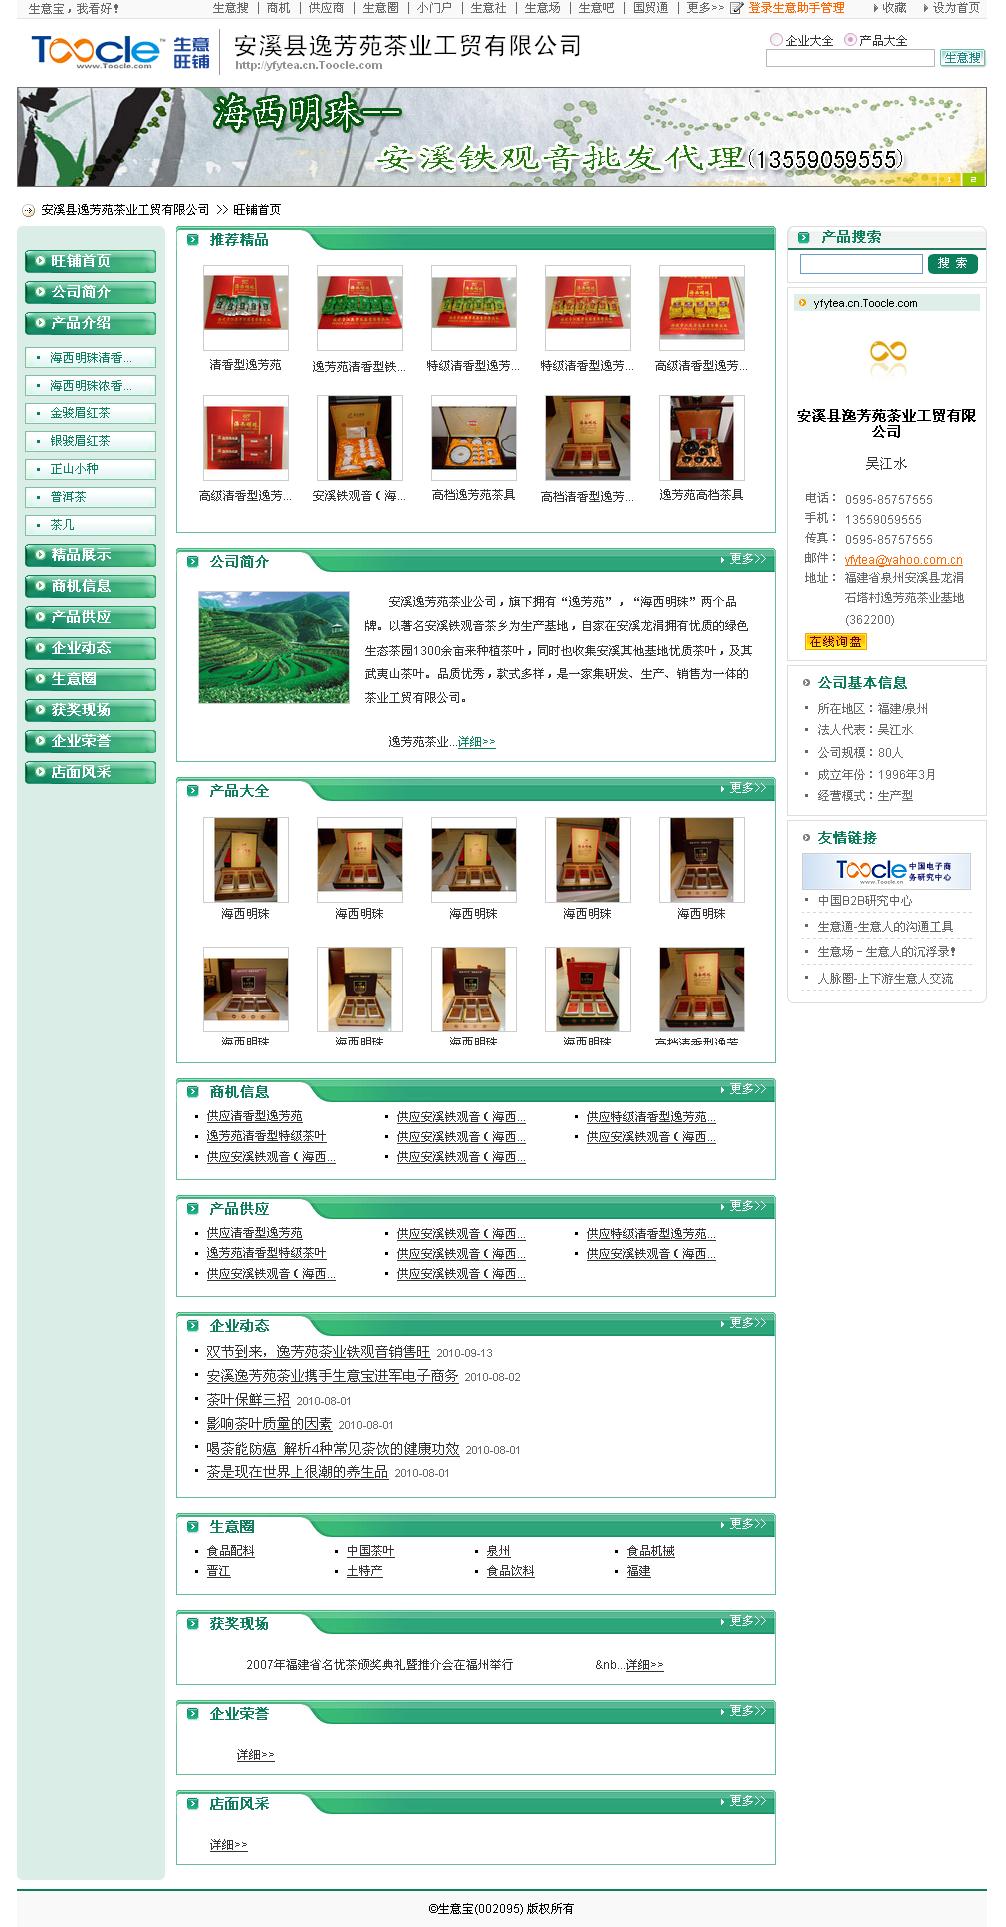 安溪县逸芳苑茶业工贸有限公司